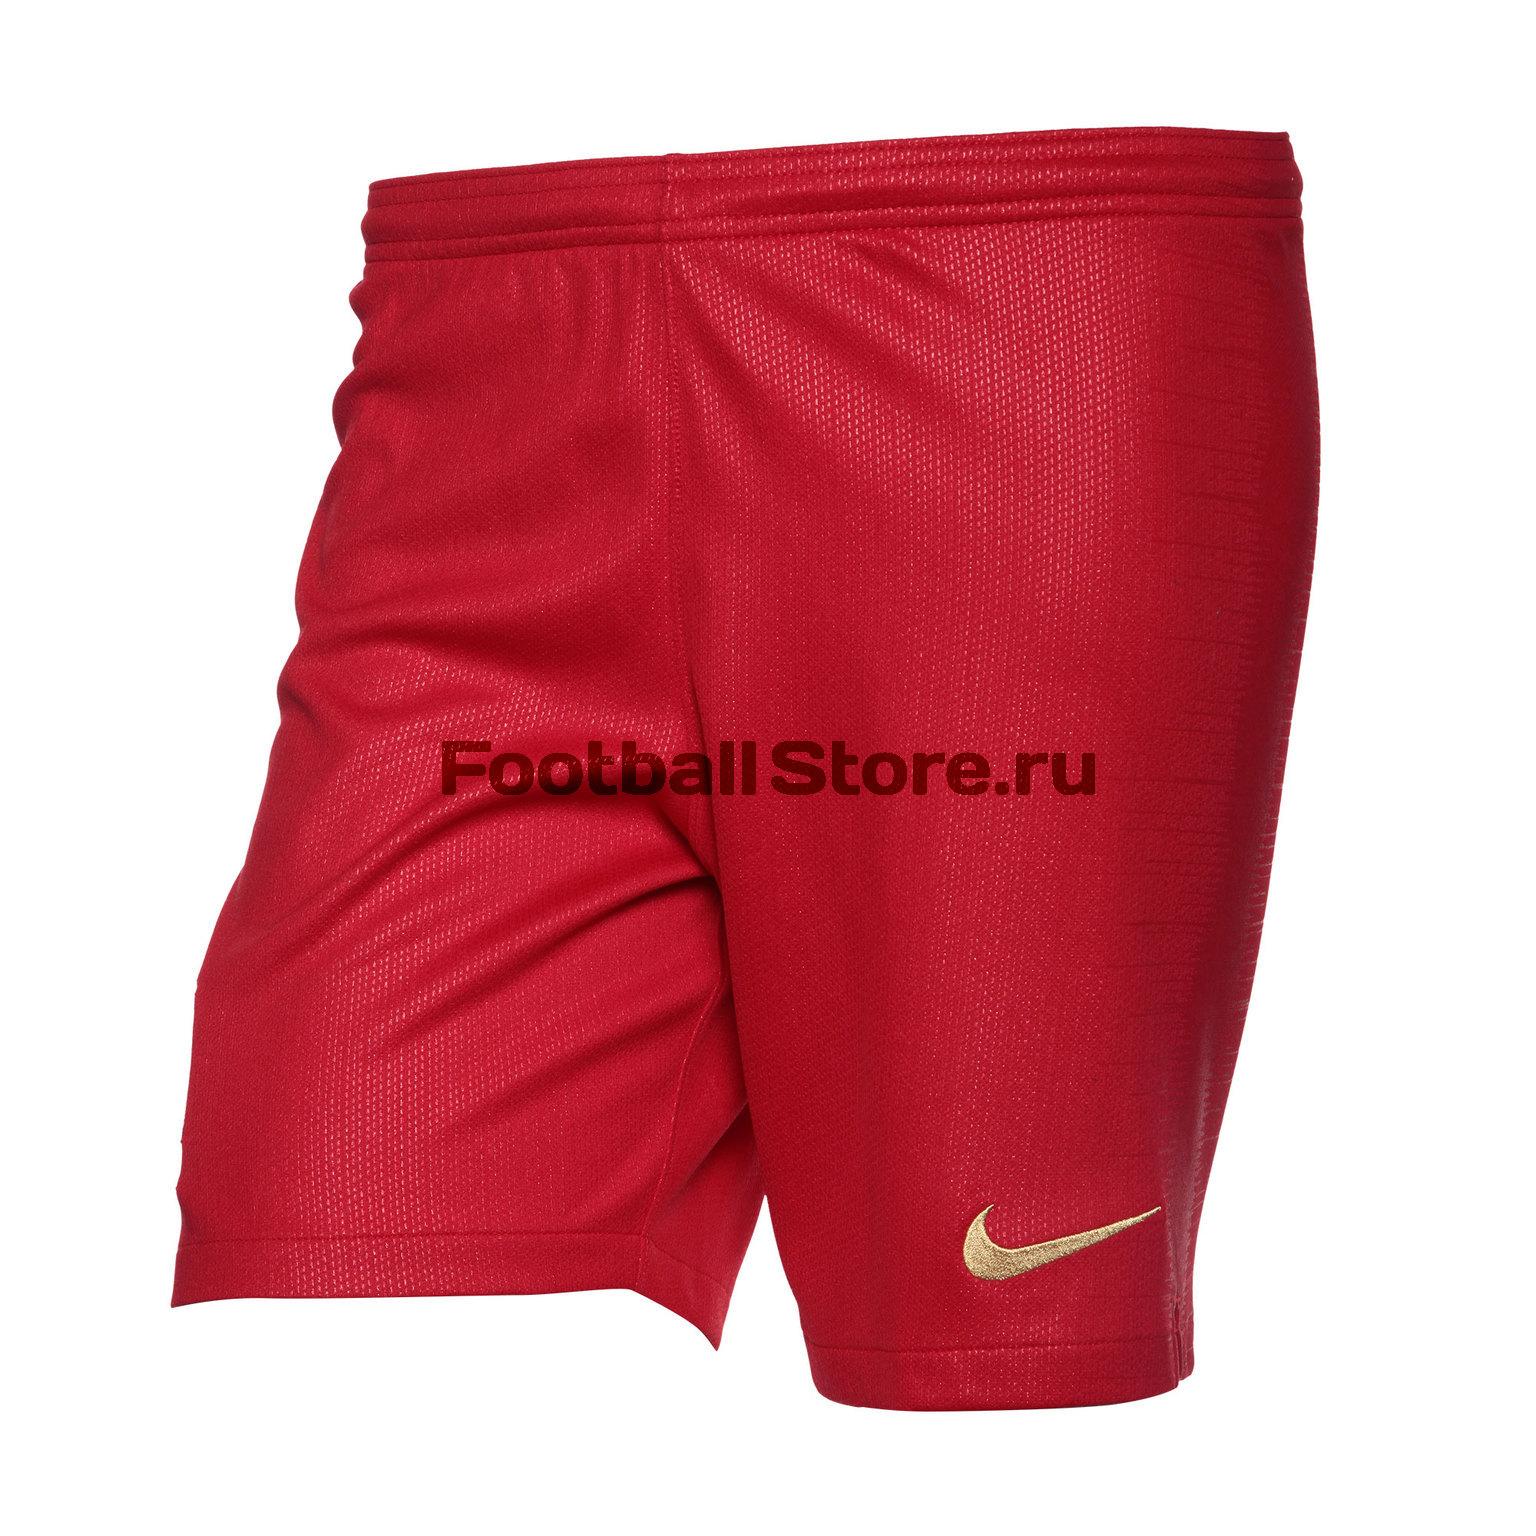 Шорты Nike сборной Португалии 893932-687 рубашка мужская greg horman цвет синий белый 2 171 20 1393 размер 39 46